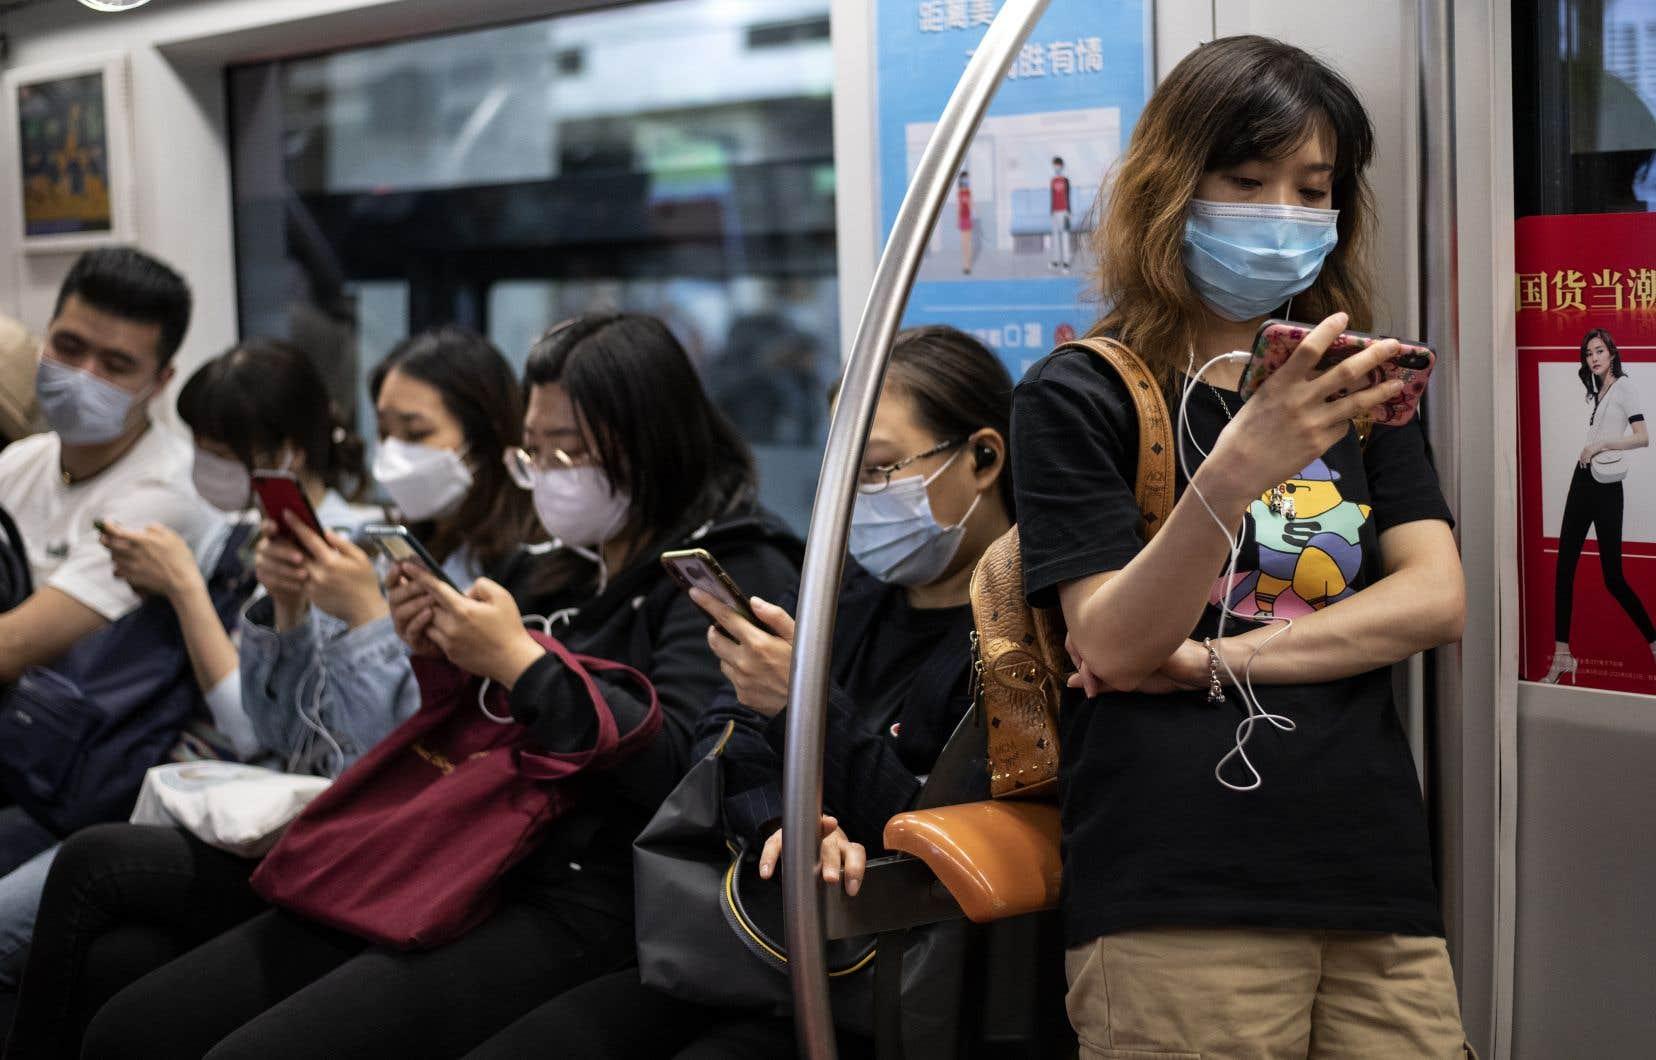 Dans certaines régions de la Chine, le port du masque est obligatoire dans les transports en commun.